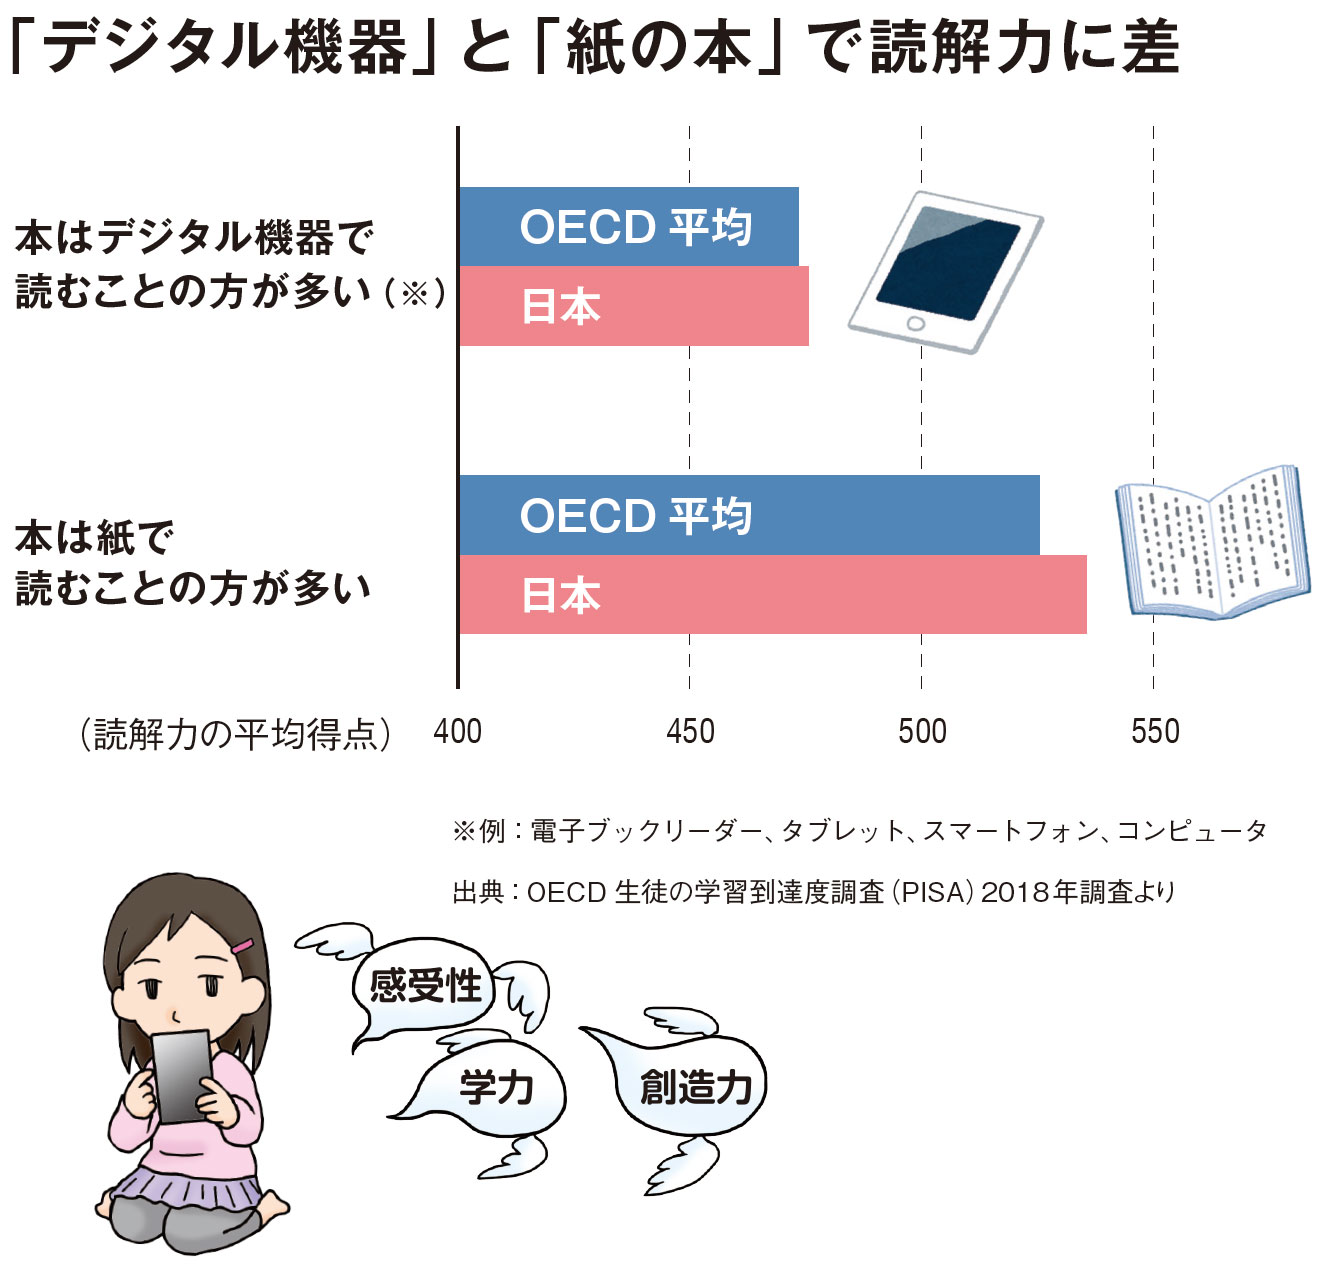 【幸福実現党NEWS】「デジタル化」が暮らしを脅かす_05